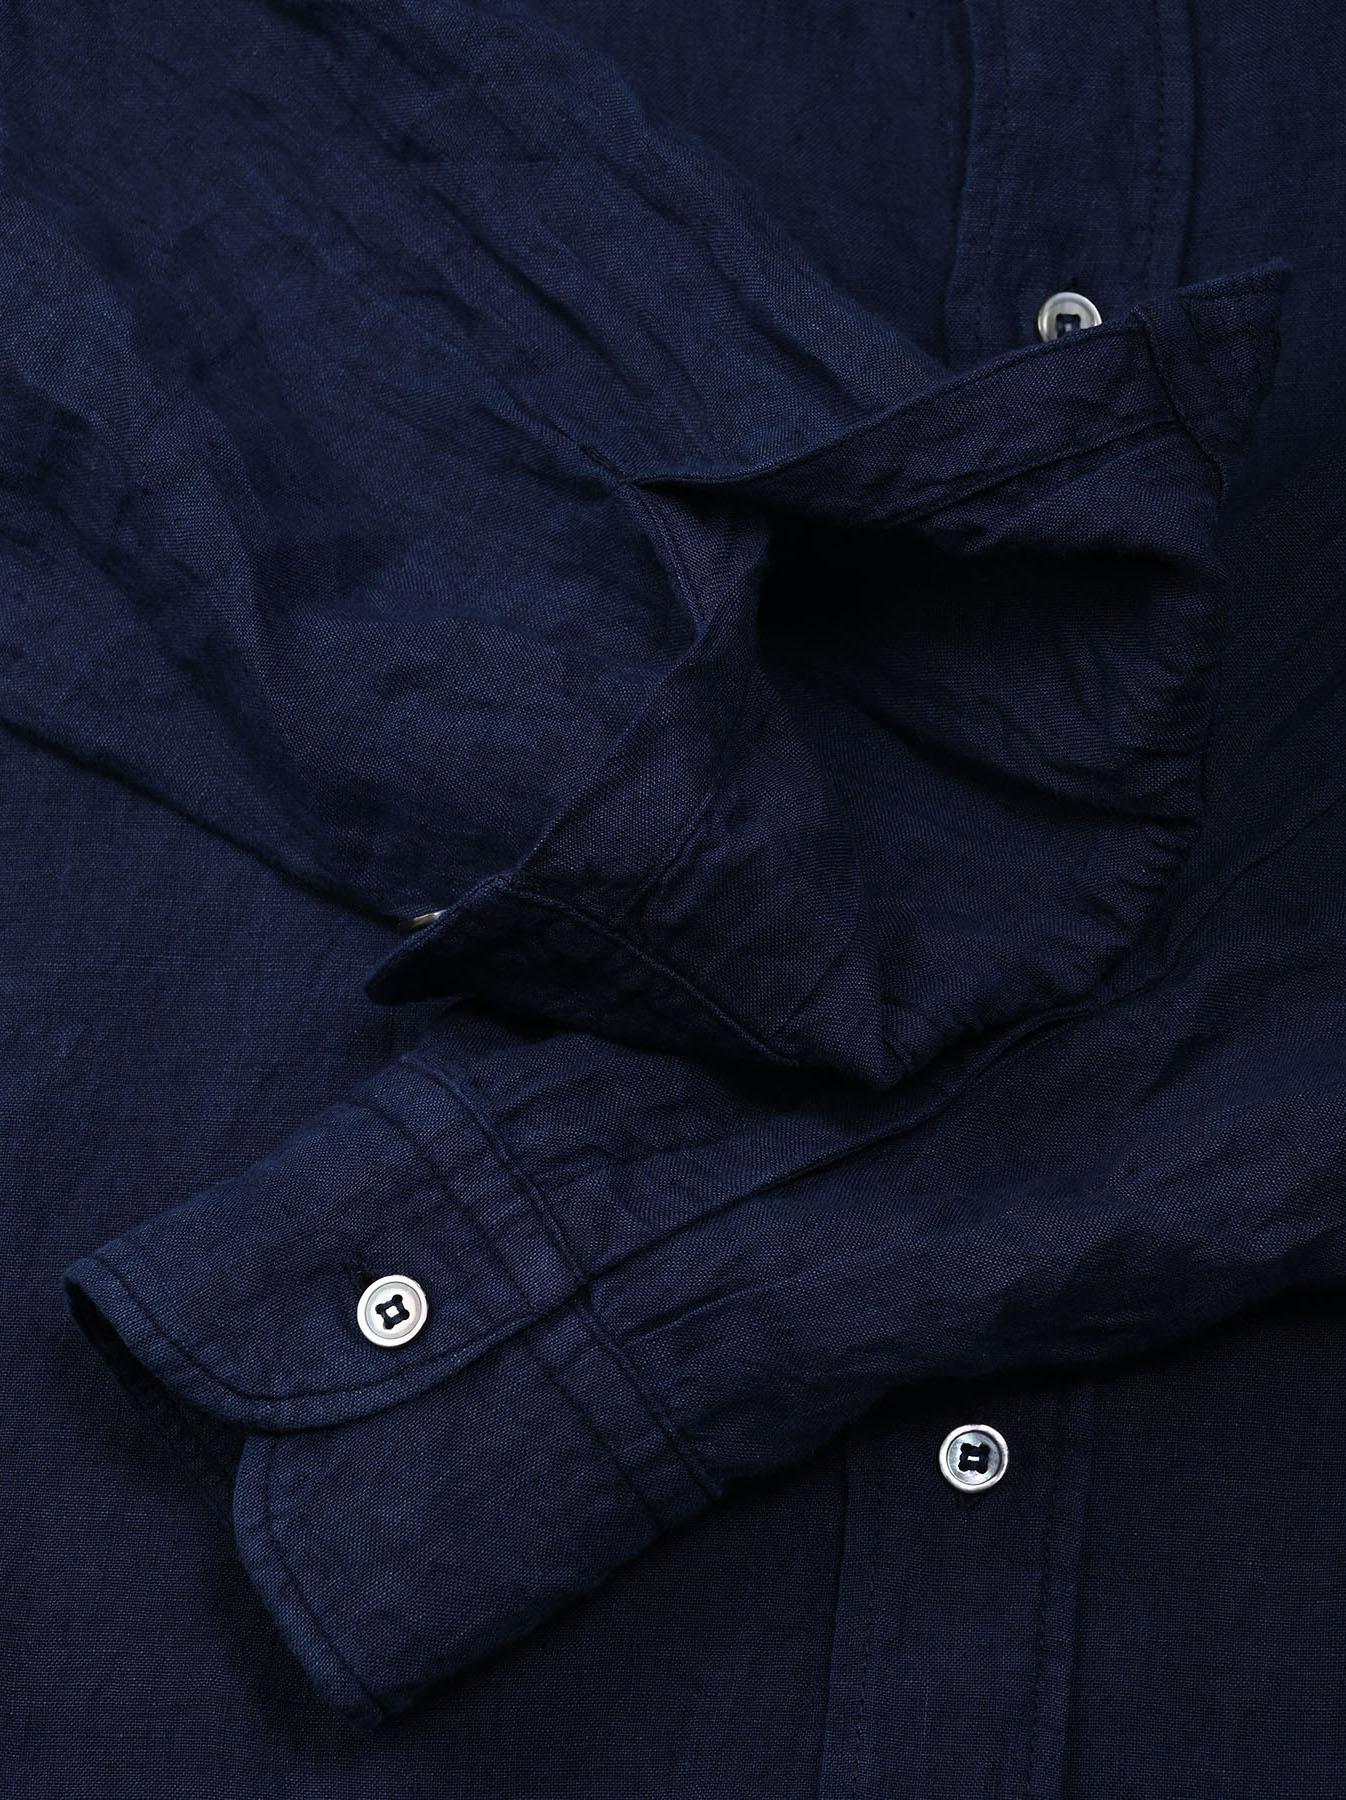 Indigo Indian Linen Flat 908 Ocean Shirt (0521)-10